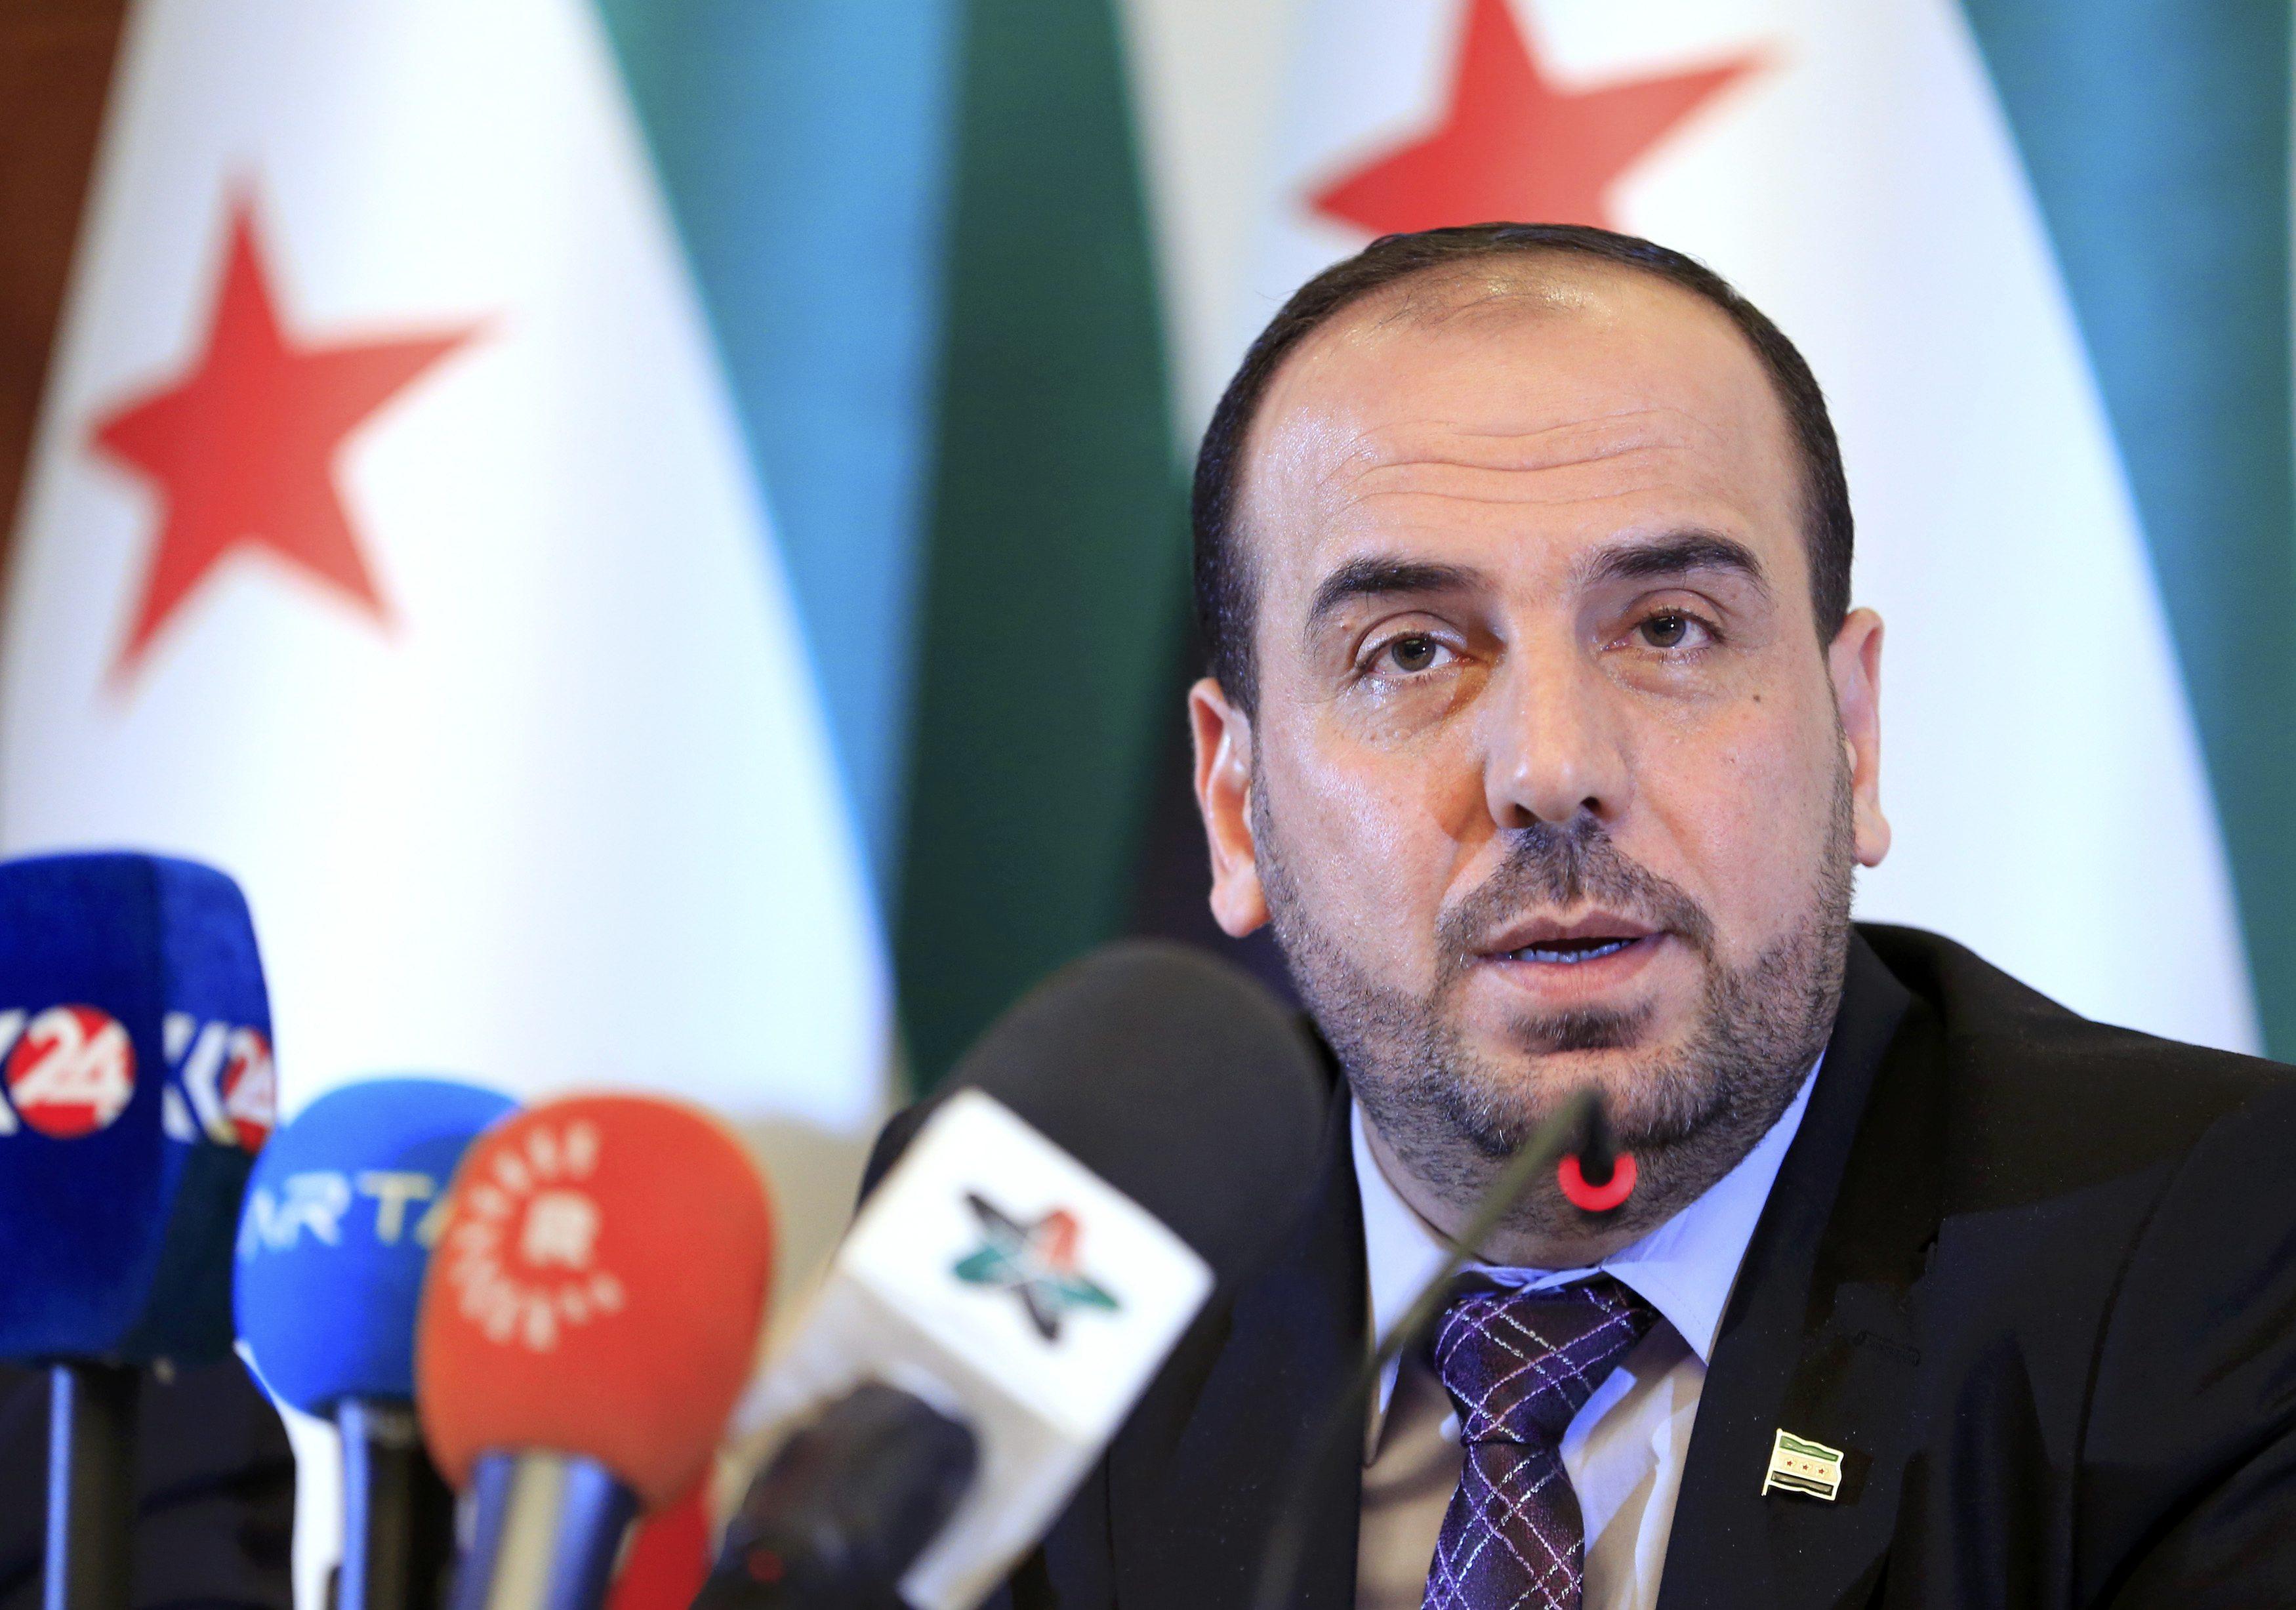 صورة كيف ردت المعارضة على انسحاب وفد الأسد؟